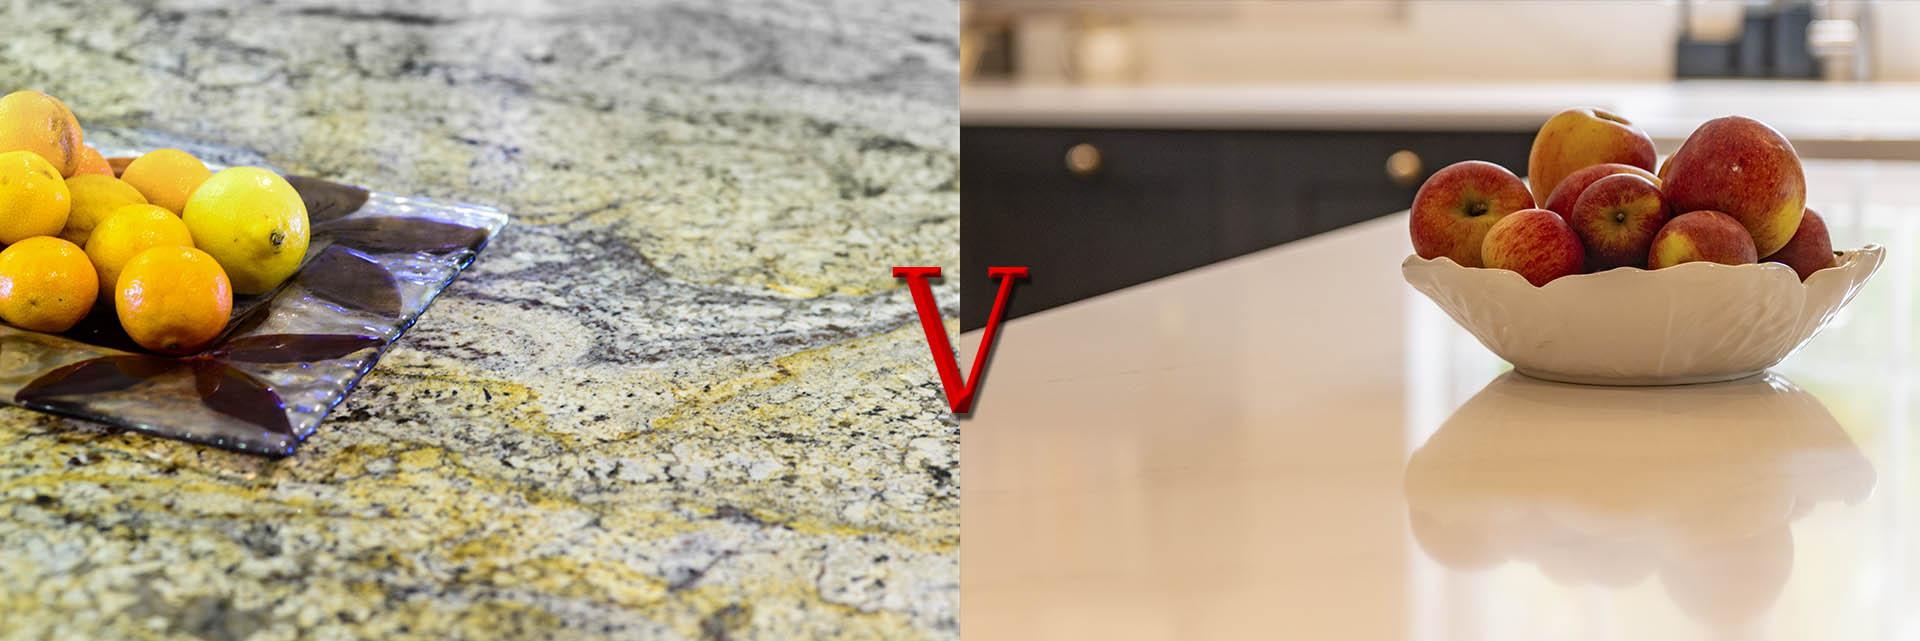 granite worktops v quartz worktops brett has gone